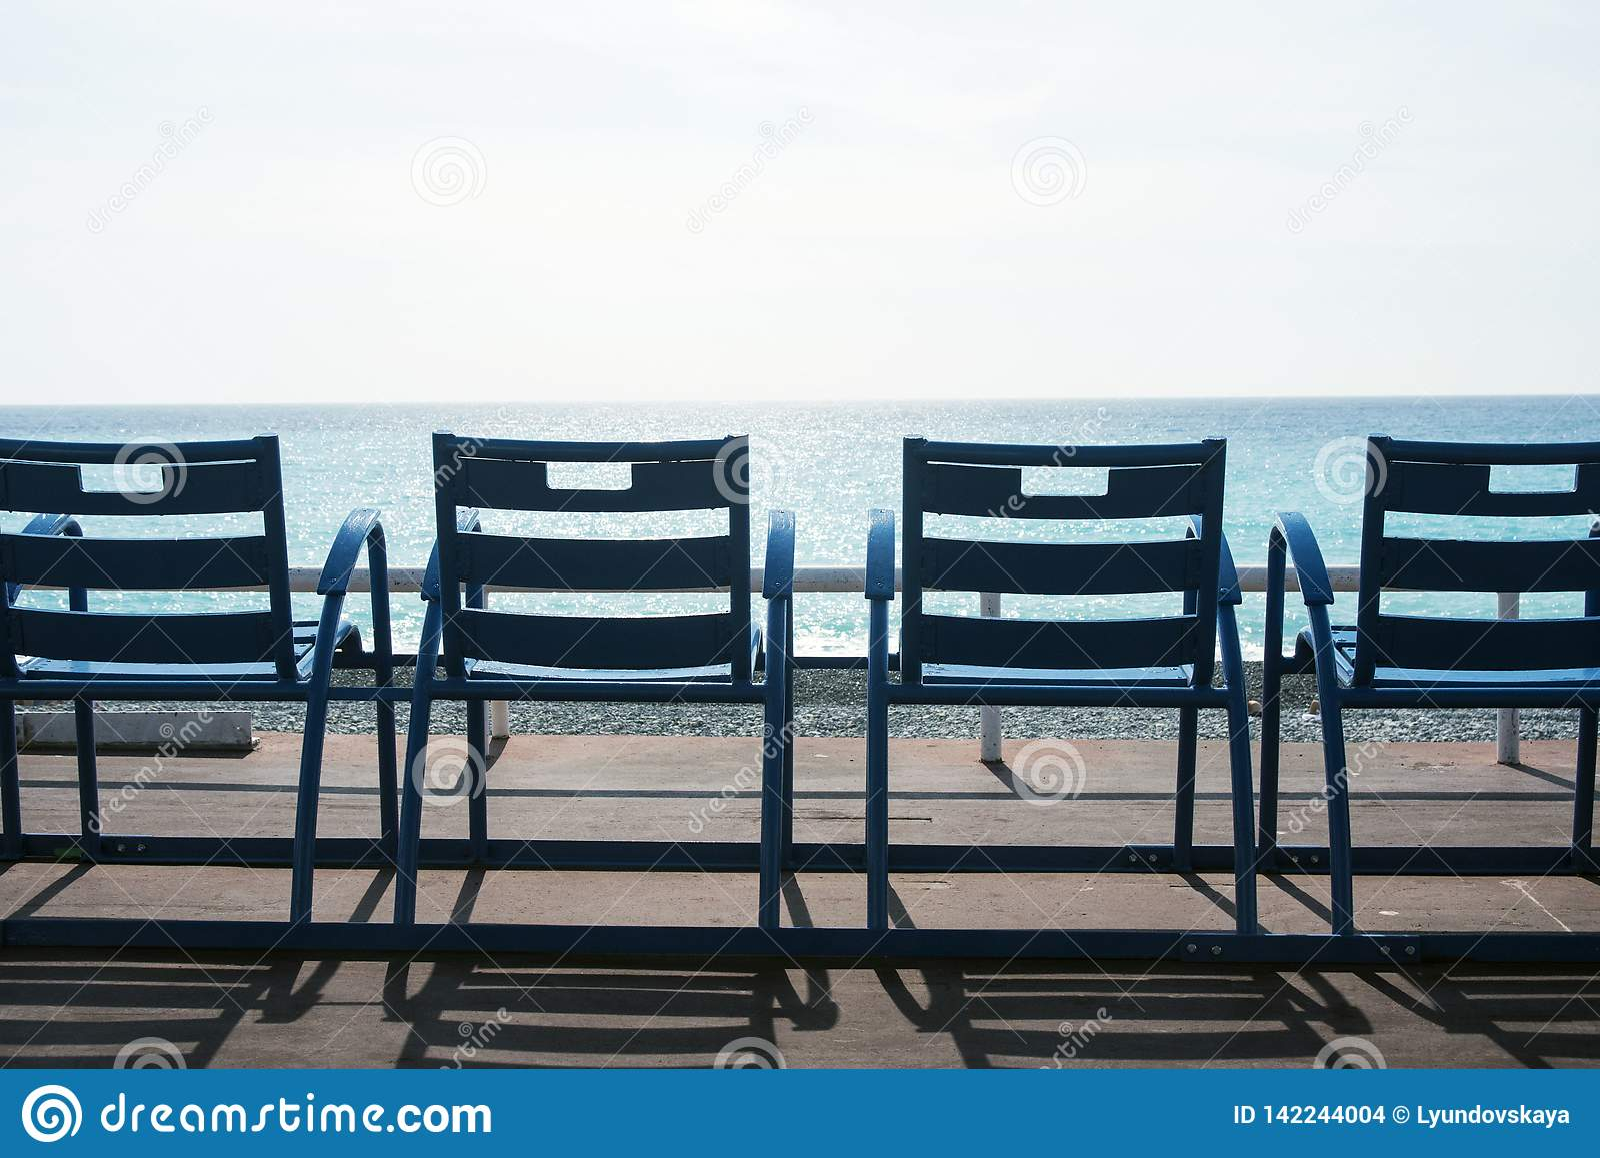 Berühmte blaue Stühle auf Promenade des Anglais von Nizza, Frankreich gegen den Hintergrund des blauen Meeres